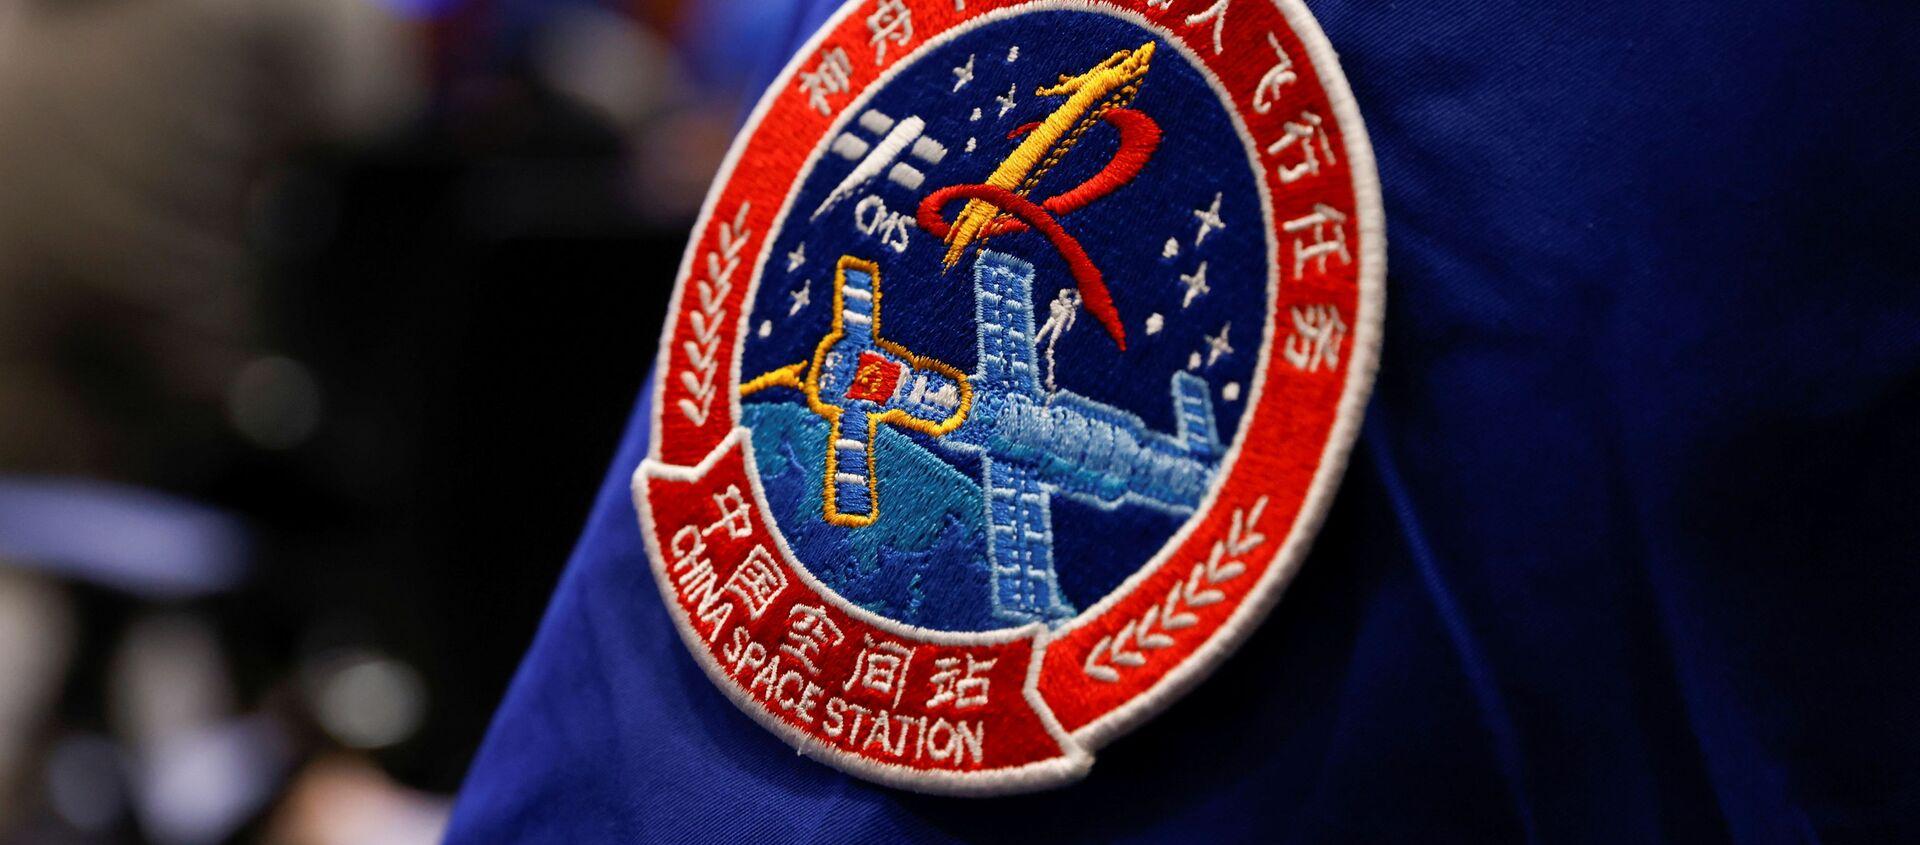 Huy hiệu chuyến bay vũ trụ Thần Châu 12 trên đồng phục nhân viên - Sputnik Việt Nam, 1920, 17.06.2021